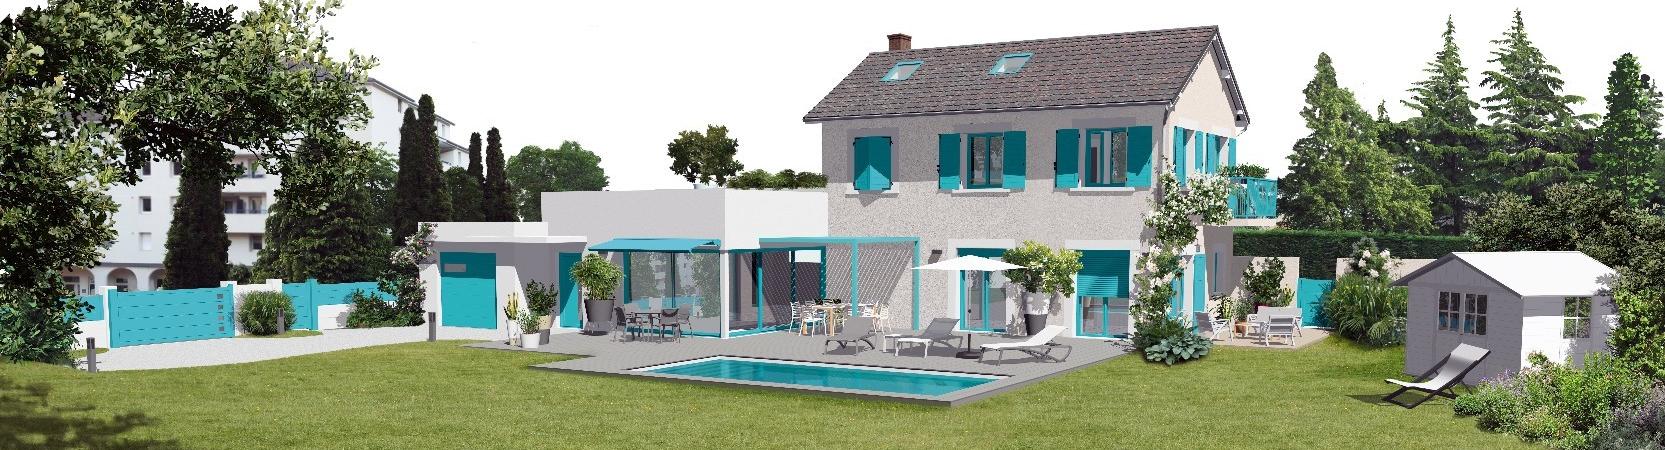 Tous les produits que nous pouvons proposer sont en bleu sur cette maison